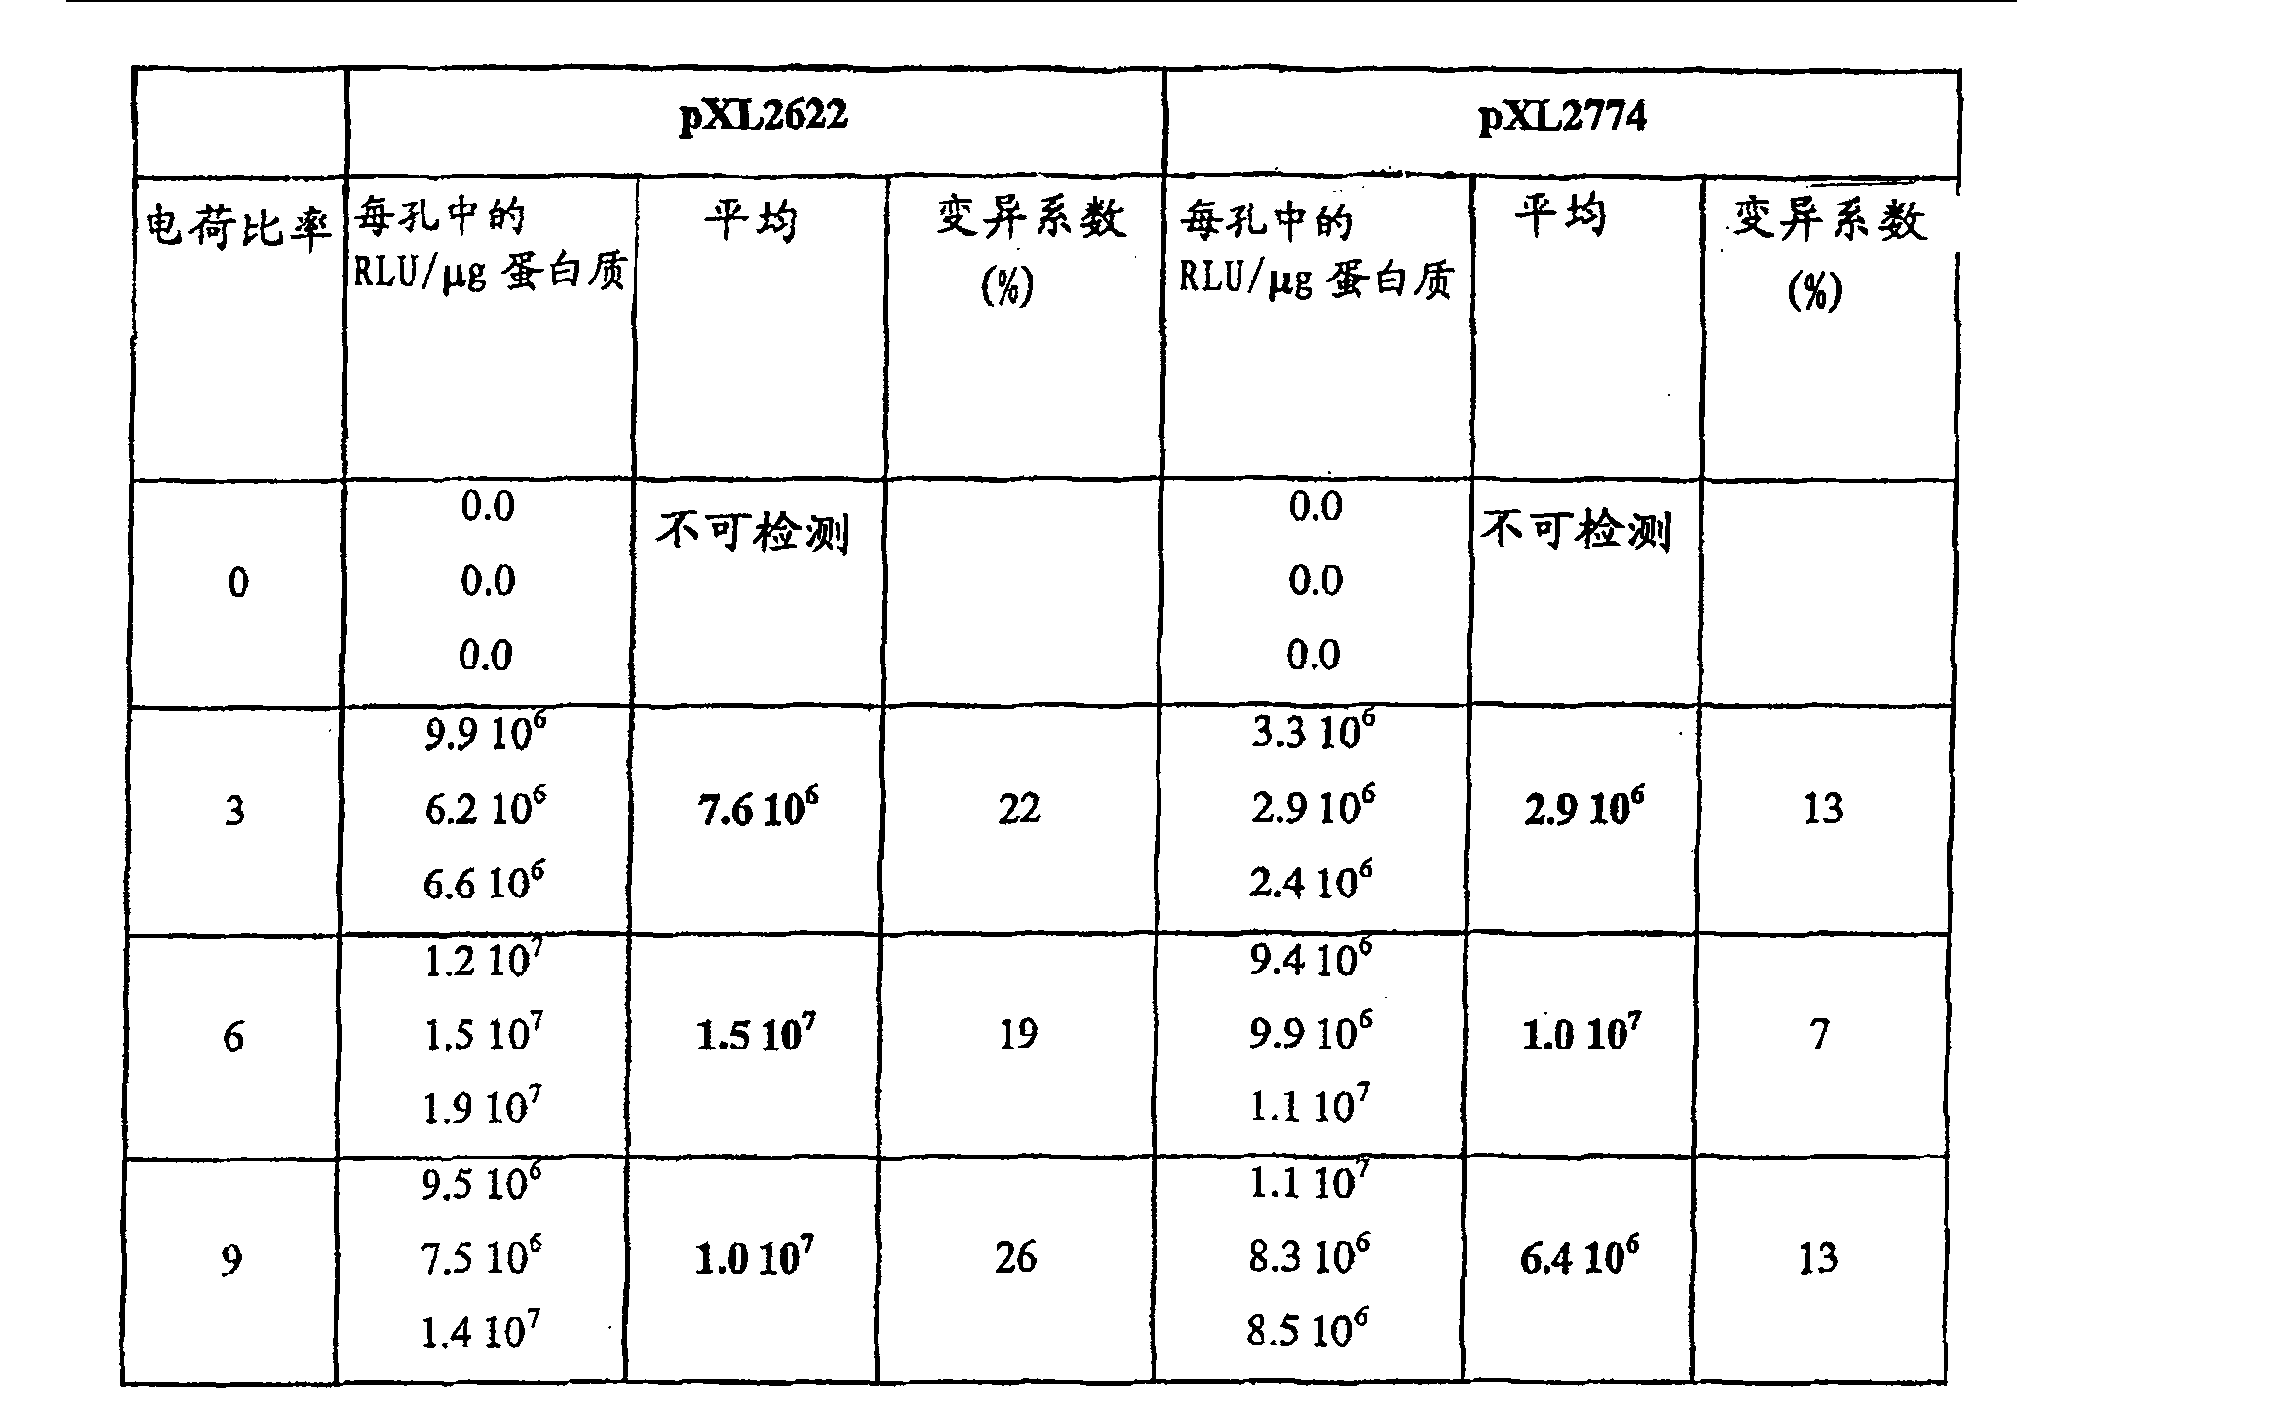 [0021] 根据本发明的优选方案,所述DNA分子中使用的复制起点来自被称为R6K的天然大肠杆菌质粒。 [0022] R6K的复制功能集中在5. 5kbp的DNA片段中(图1),该片段含有3个复制起点、和和ct提供90%的复制)和编码复制起始蛋白质和蛋白质Bis的操纵子。将上述质粒保持在其特征性拷贝数(每个基因组15拷贝)所需的最小量遗传信息包括在两个兀件中:400bp的ori Y和基因pir,该基因广物为起始蛋白质。 [0023] Ori Y可以划分为两个功能部分:核心部分和激活元件(图1)。复